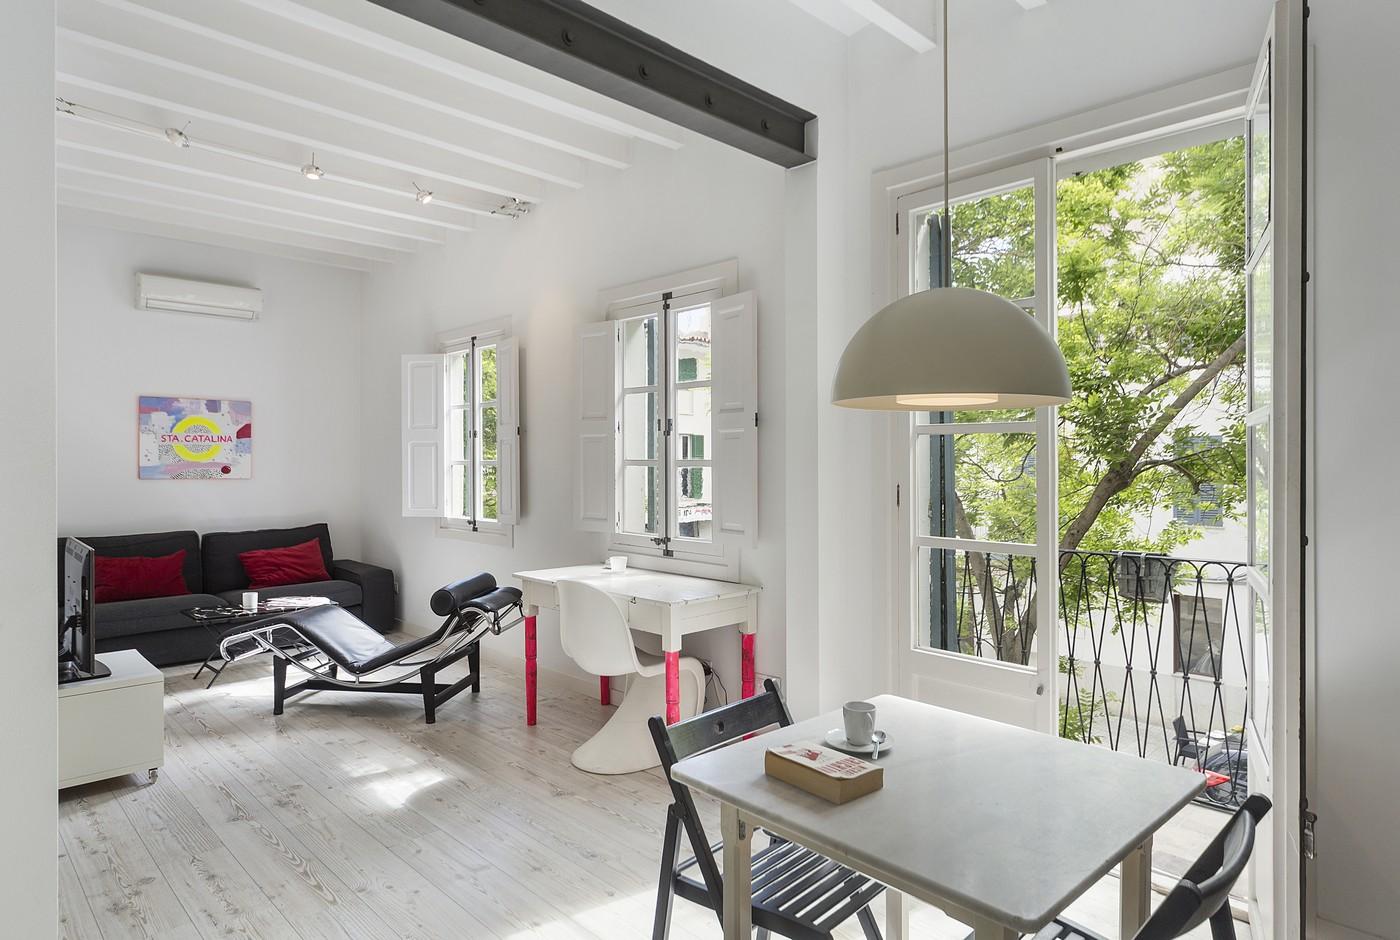 Maison unifamiliale pour l Vente à Light Studio Apartment for sale in Santa Catalina Palma De Mallorca, Balearic Islands, Espagne